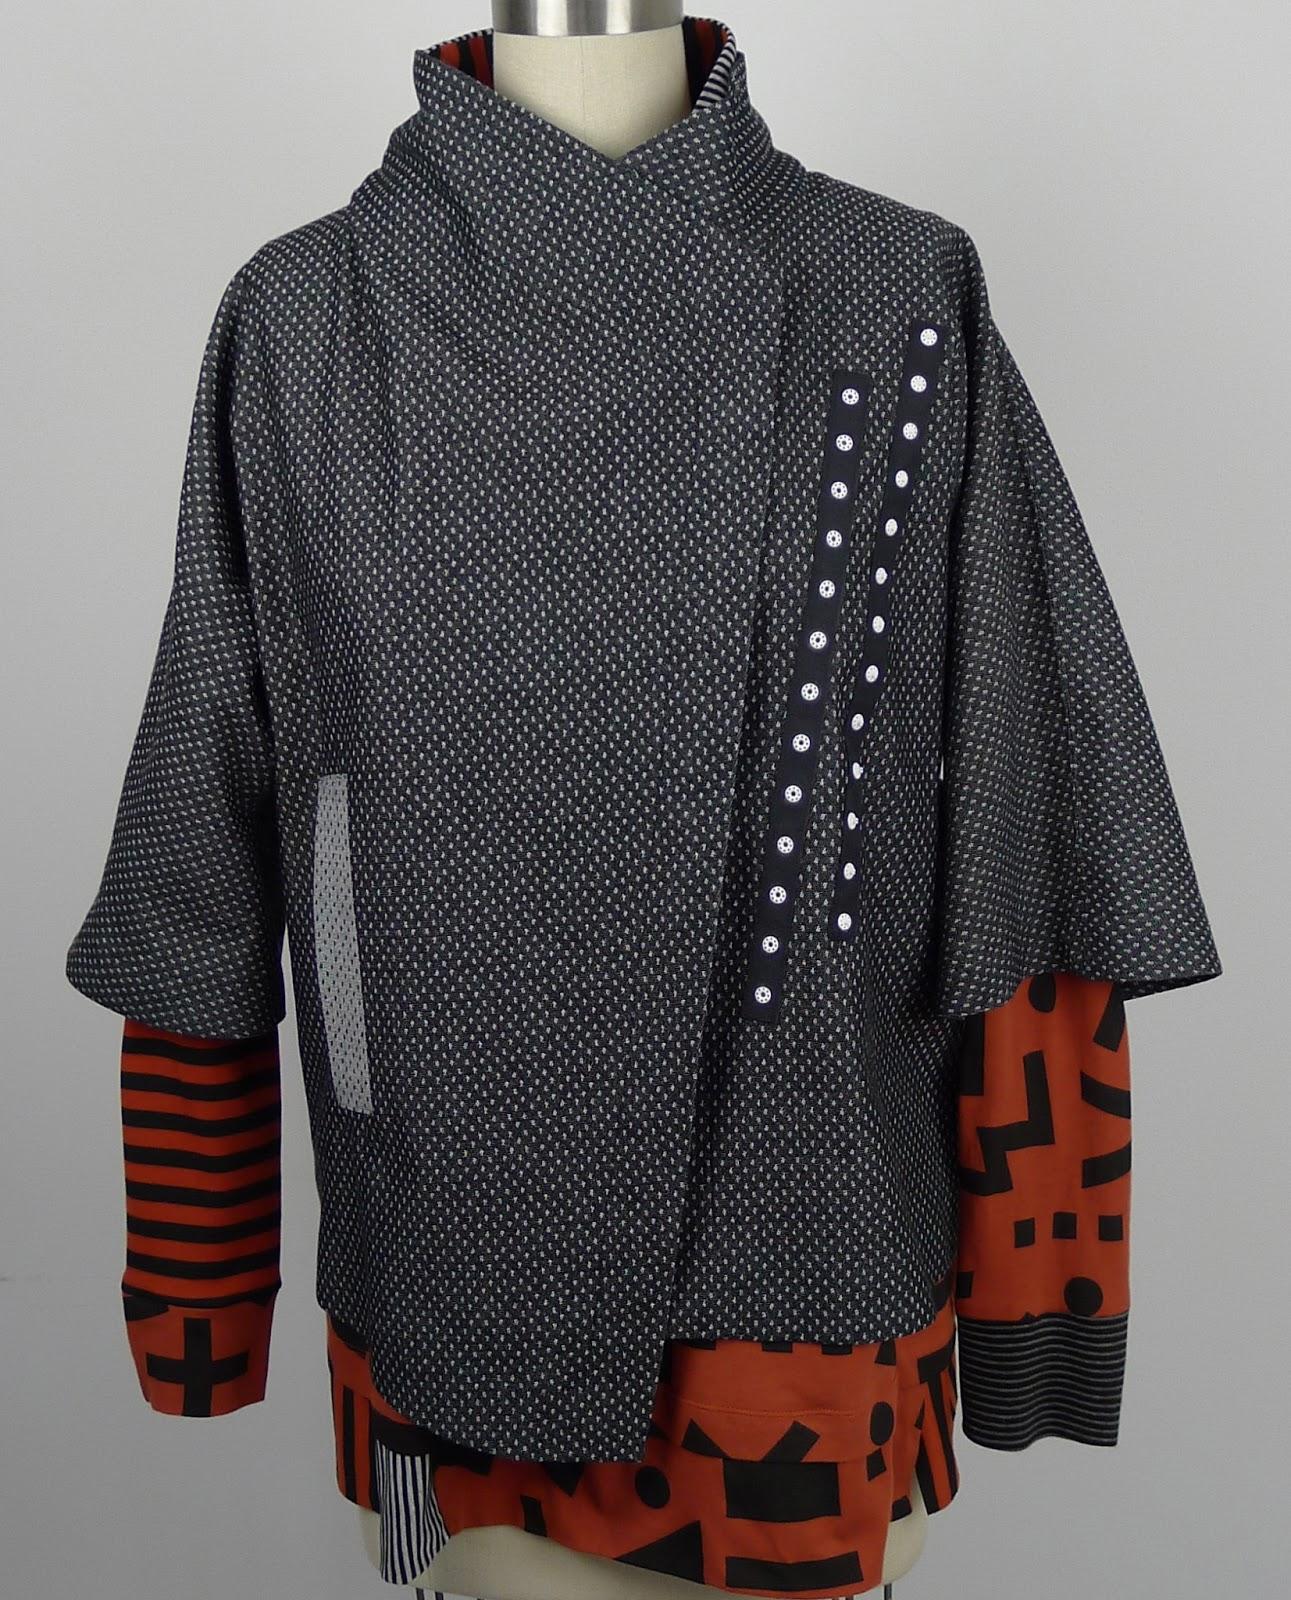 Pokloni osobi iznad - Page 5 Expo+outfit+3+with+jacket